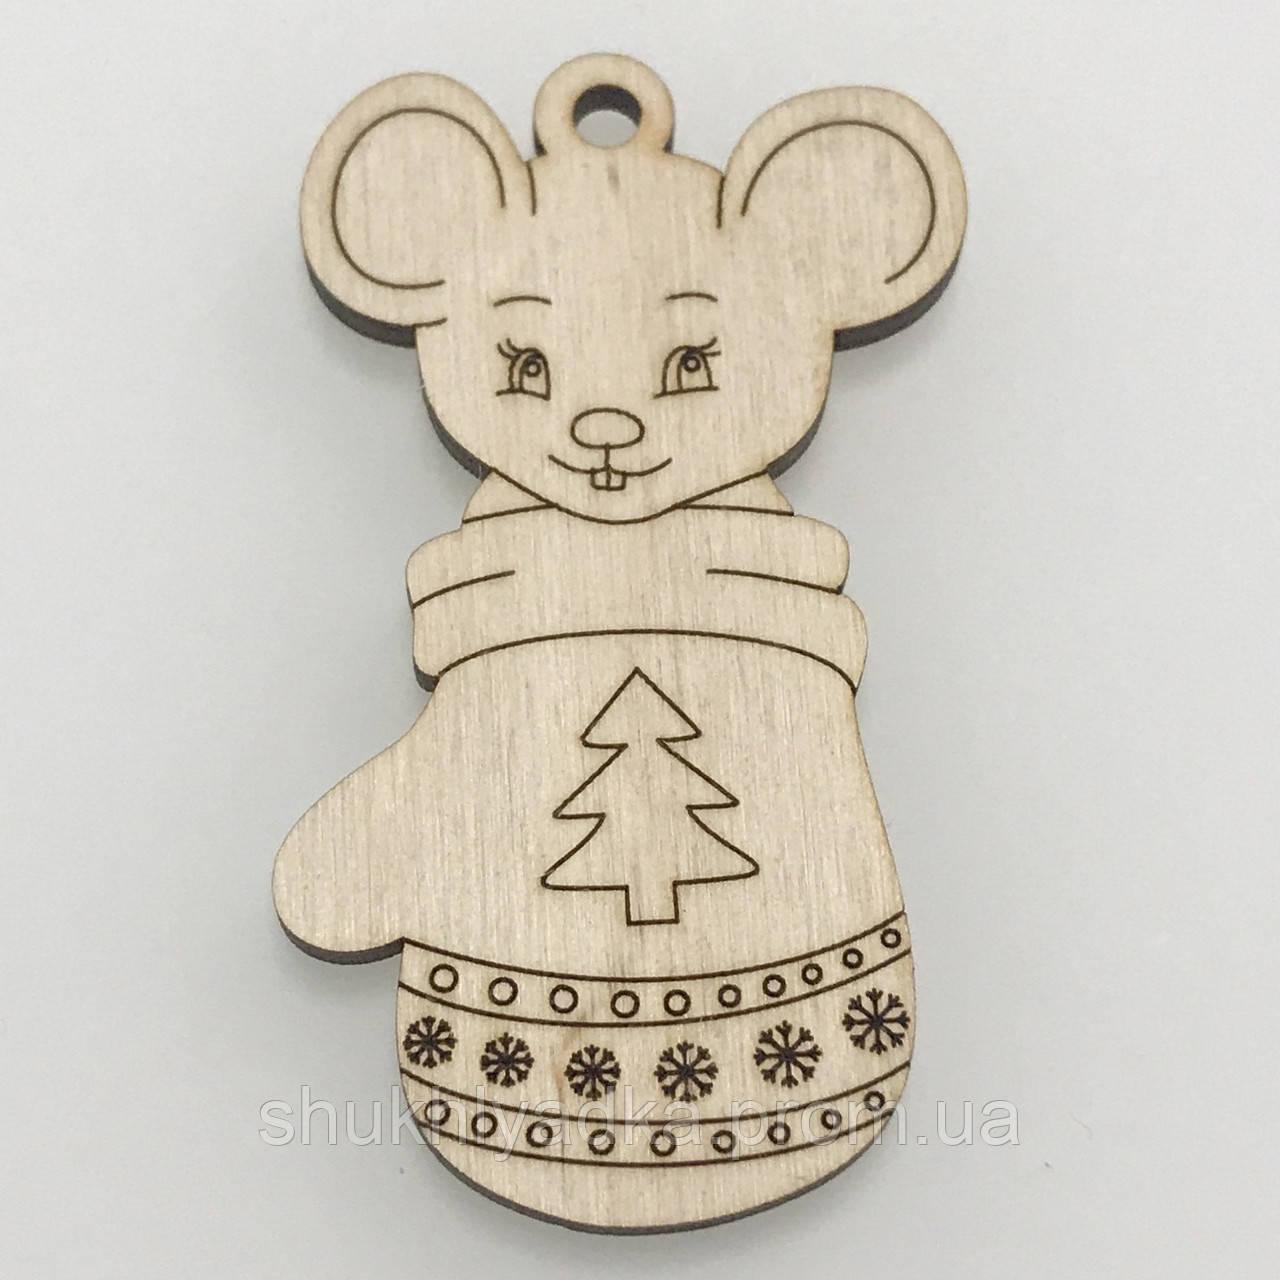 """Новогодняя деревянная елочная игрушка Подвеска """"Мышонок в рукавичке""""_деревянный декор_Новый год"""